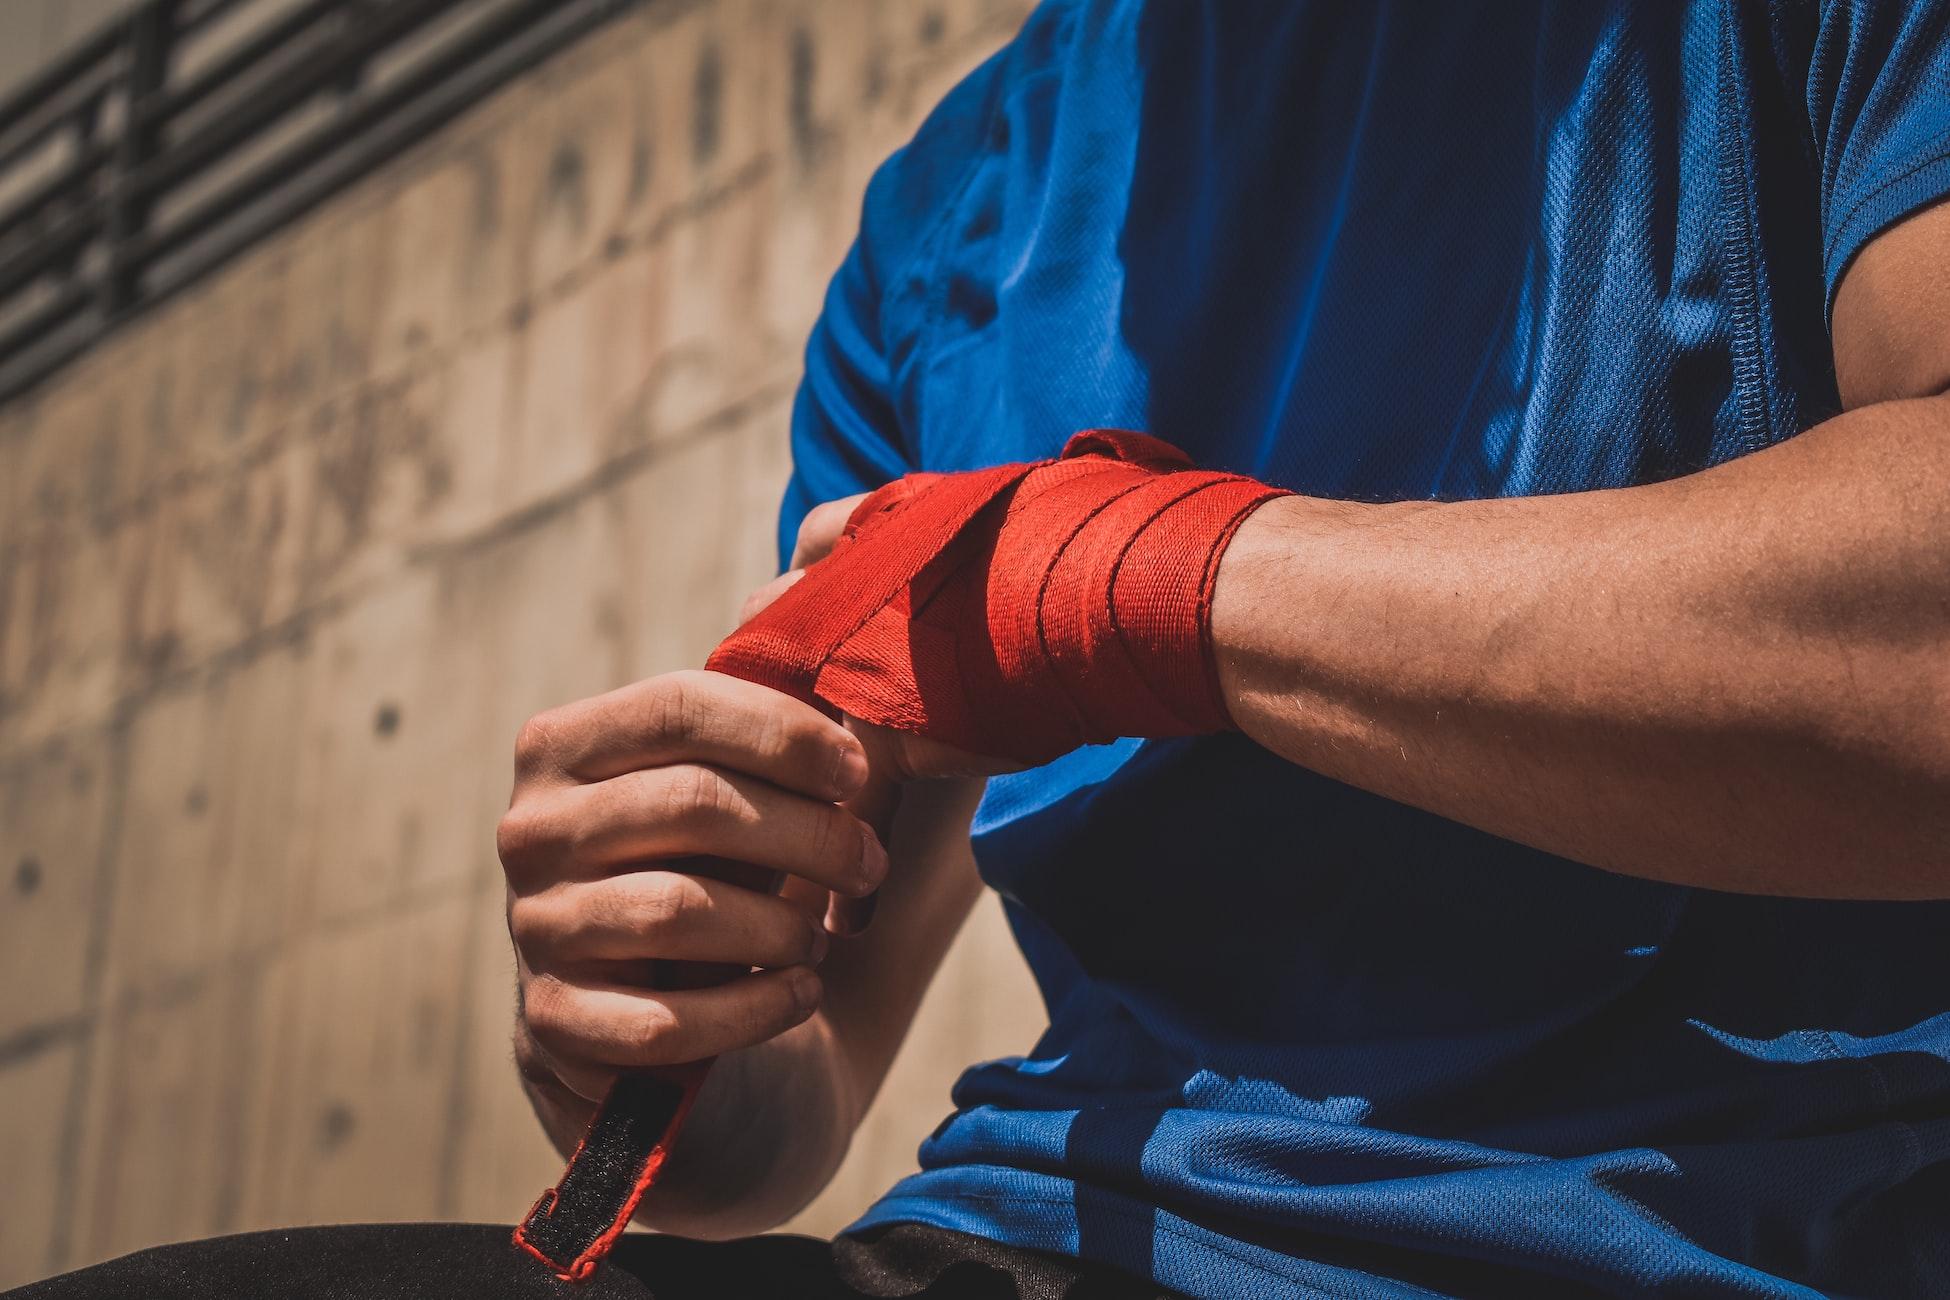 受験生がするべき体調管理は外傷に気をつけること